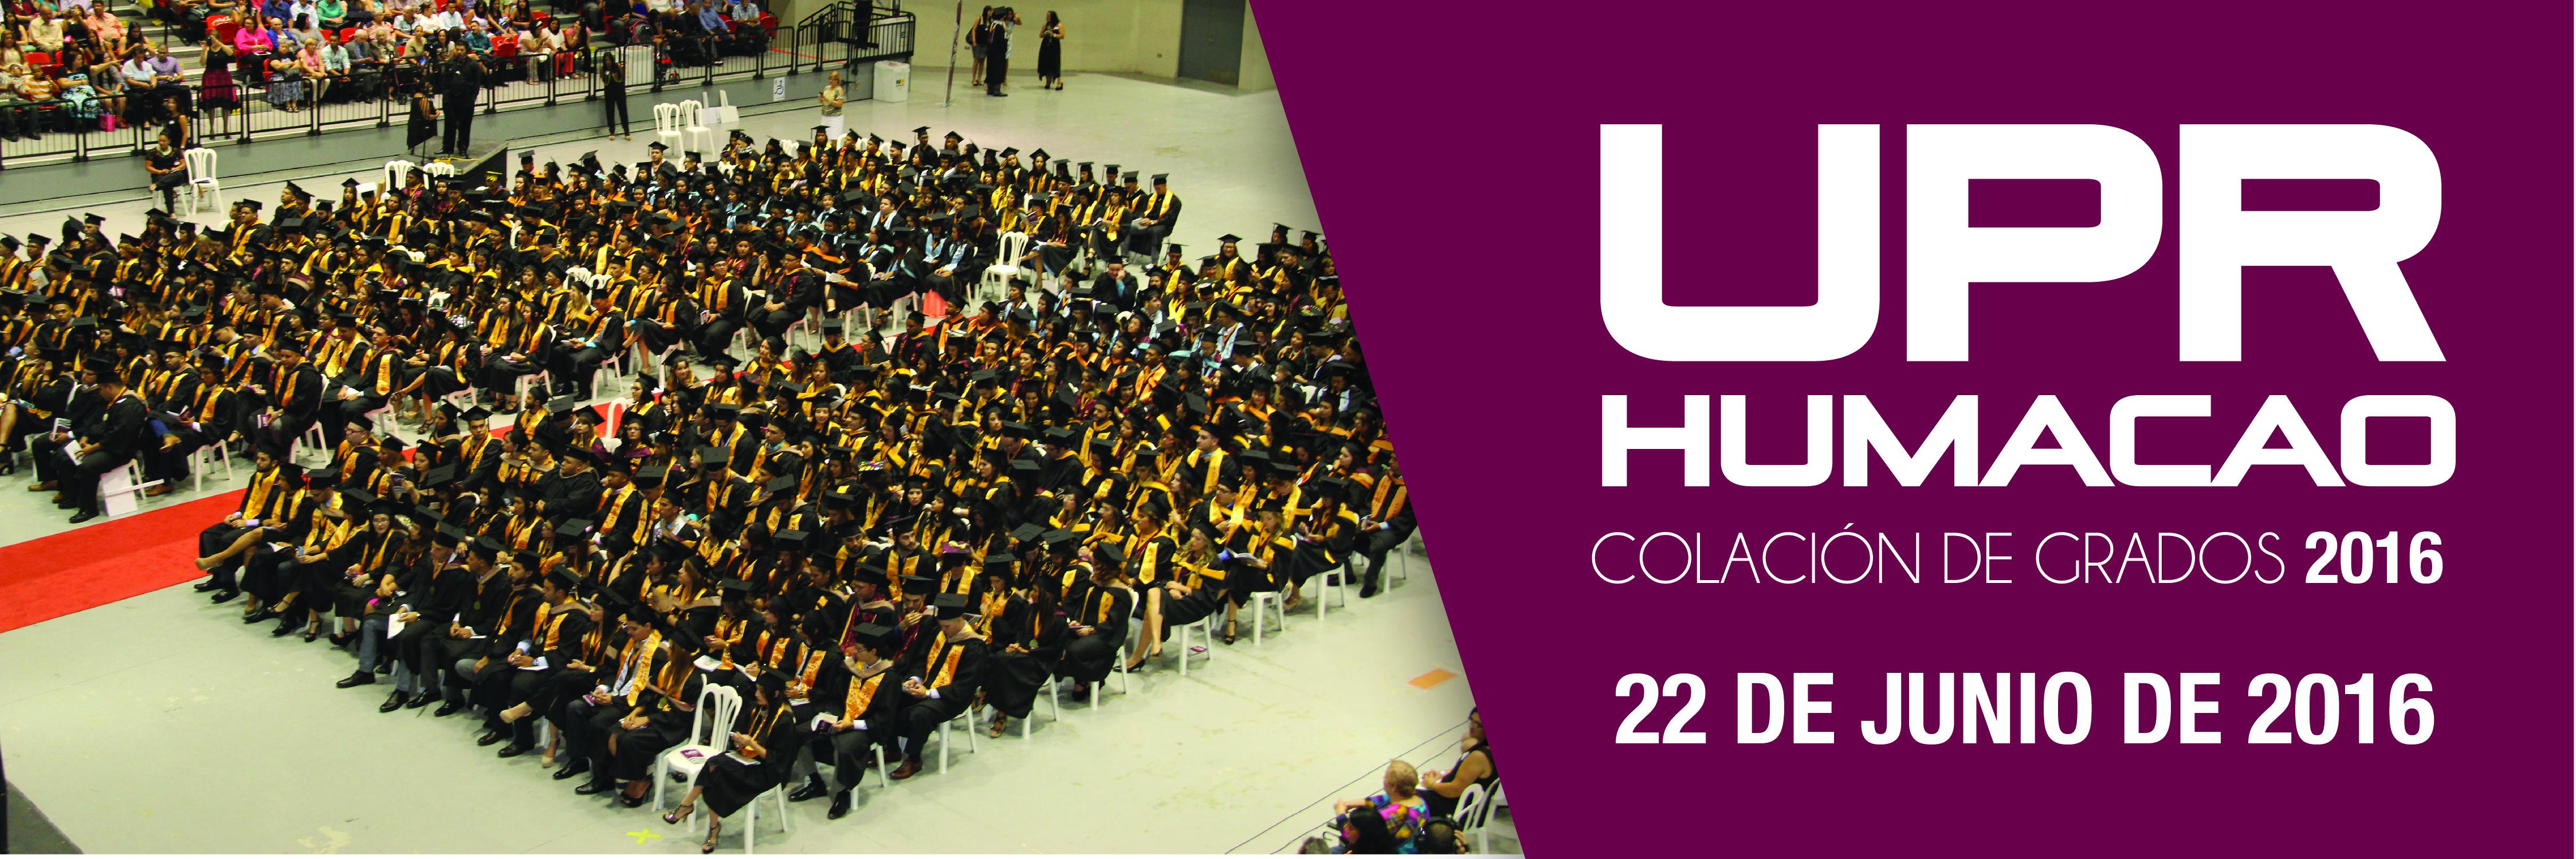 Banner de colación de grados de UPRH 2016